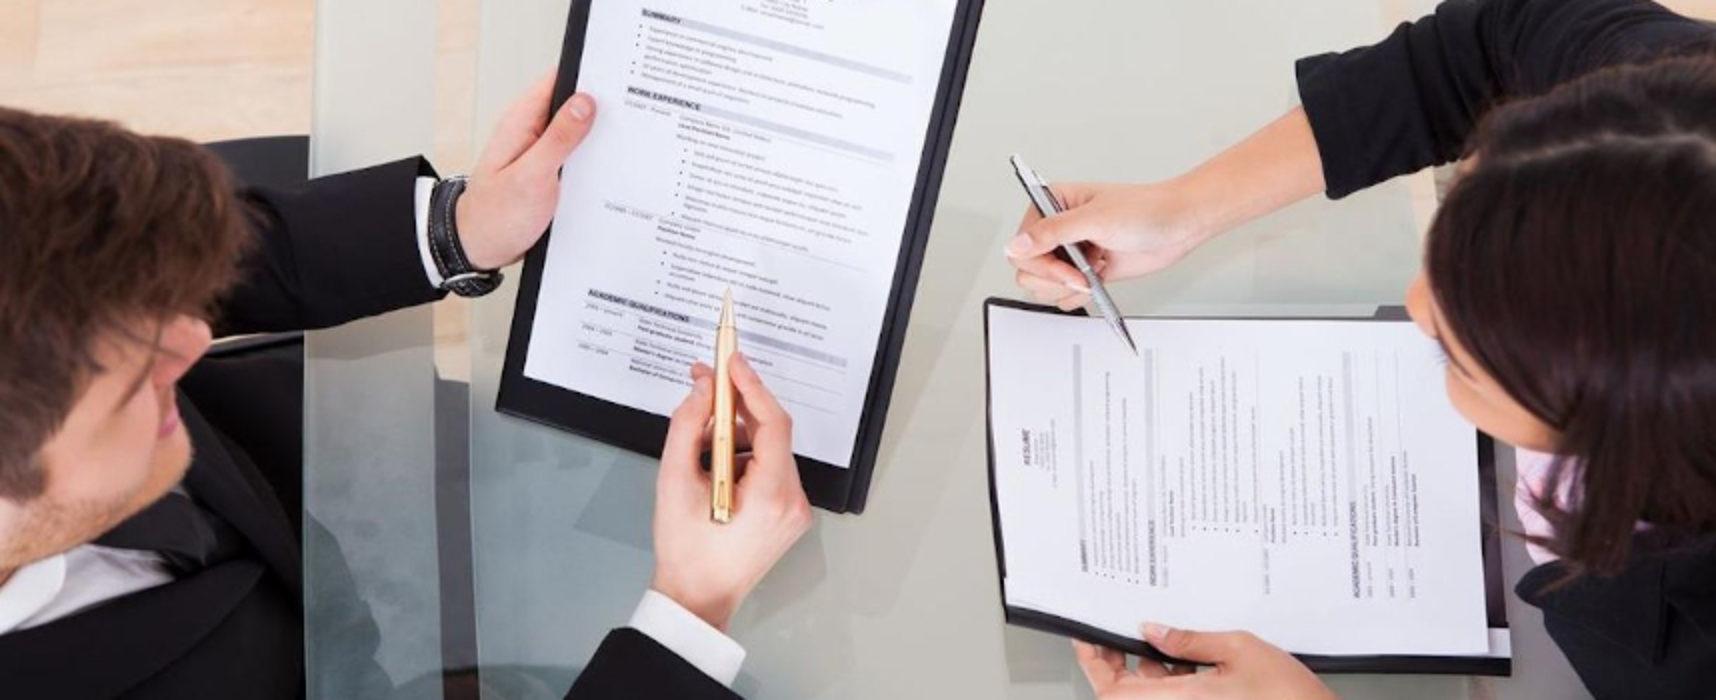 Offerte di lavoro a Bisceglie e città limitrofe / ECCO TUTTE LE PROPOSTE